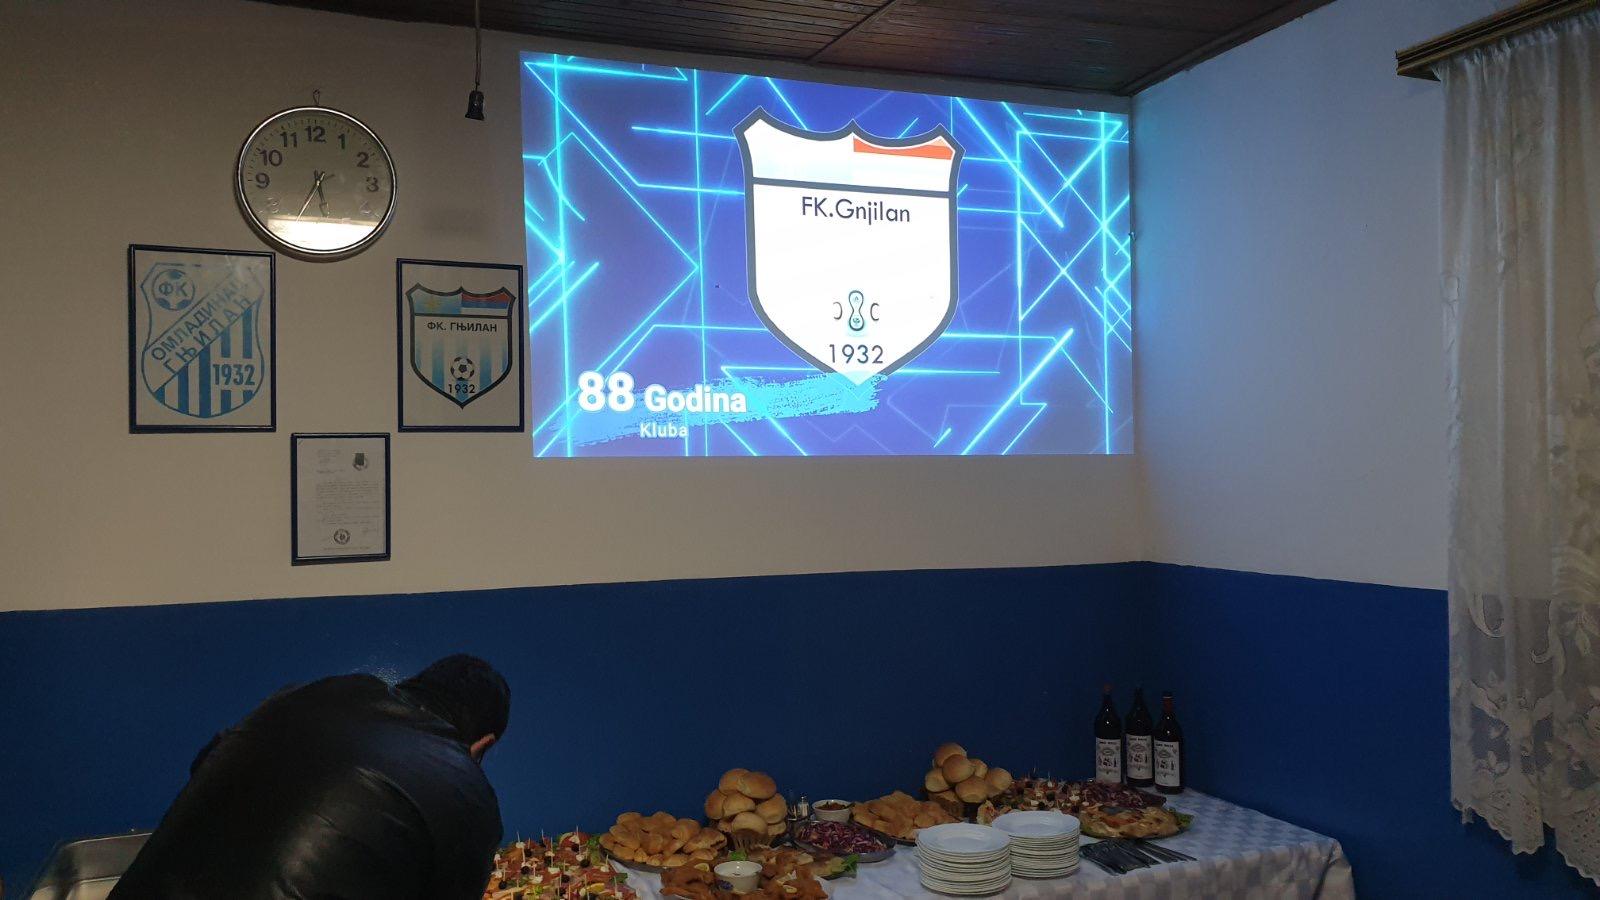 Photo of Obeležena 88. godišnjica postojanja FK Gnjilan